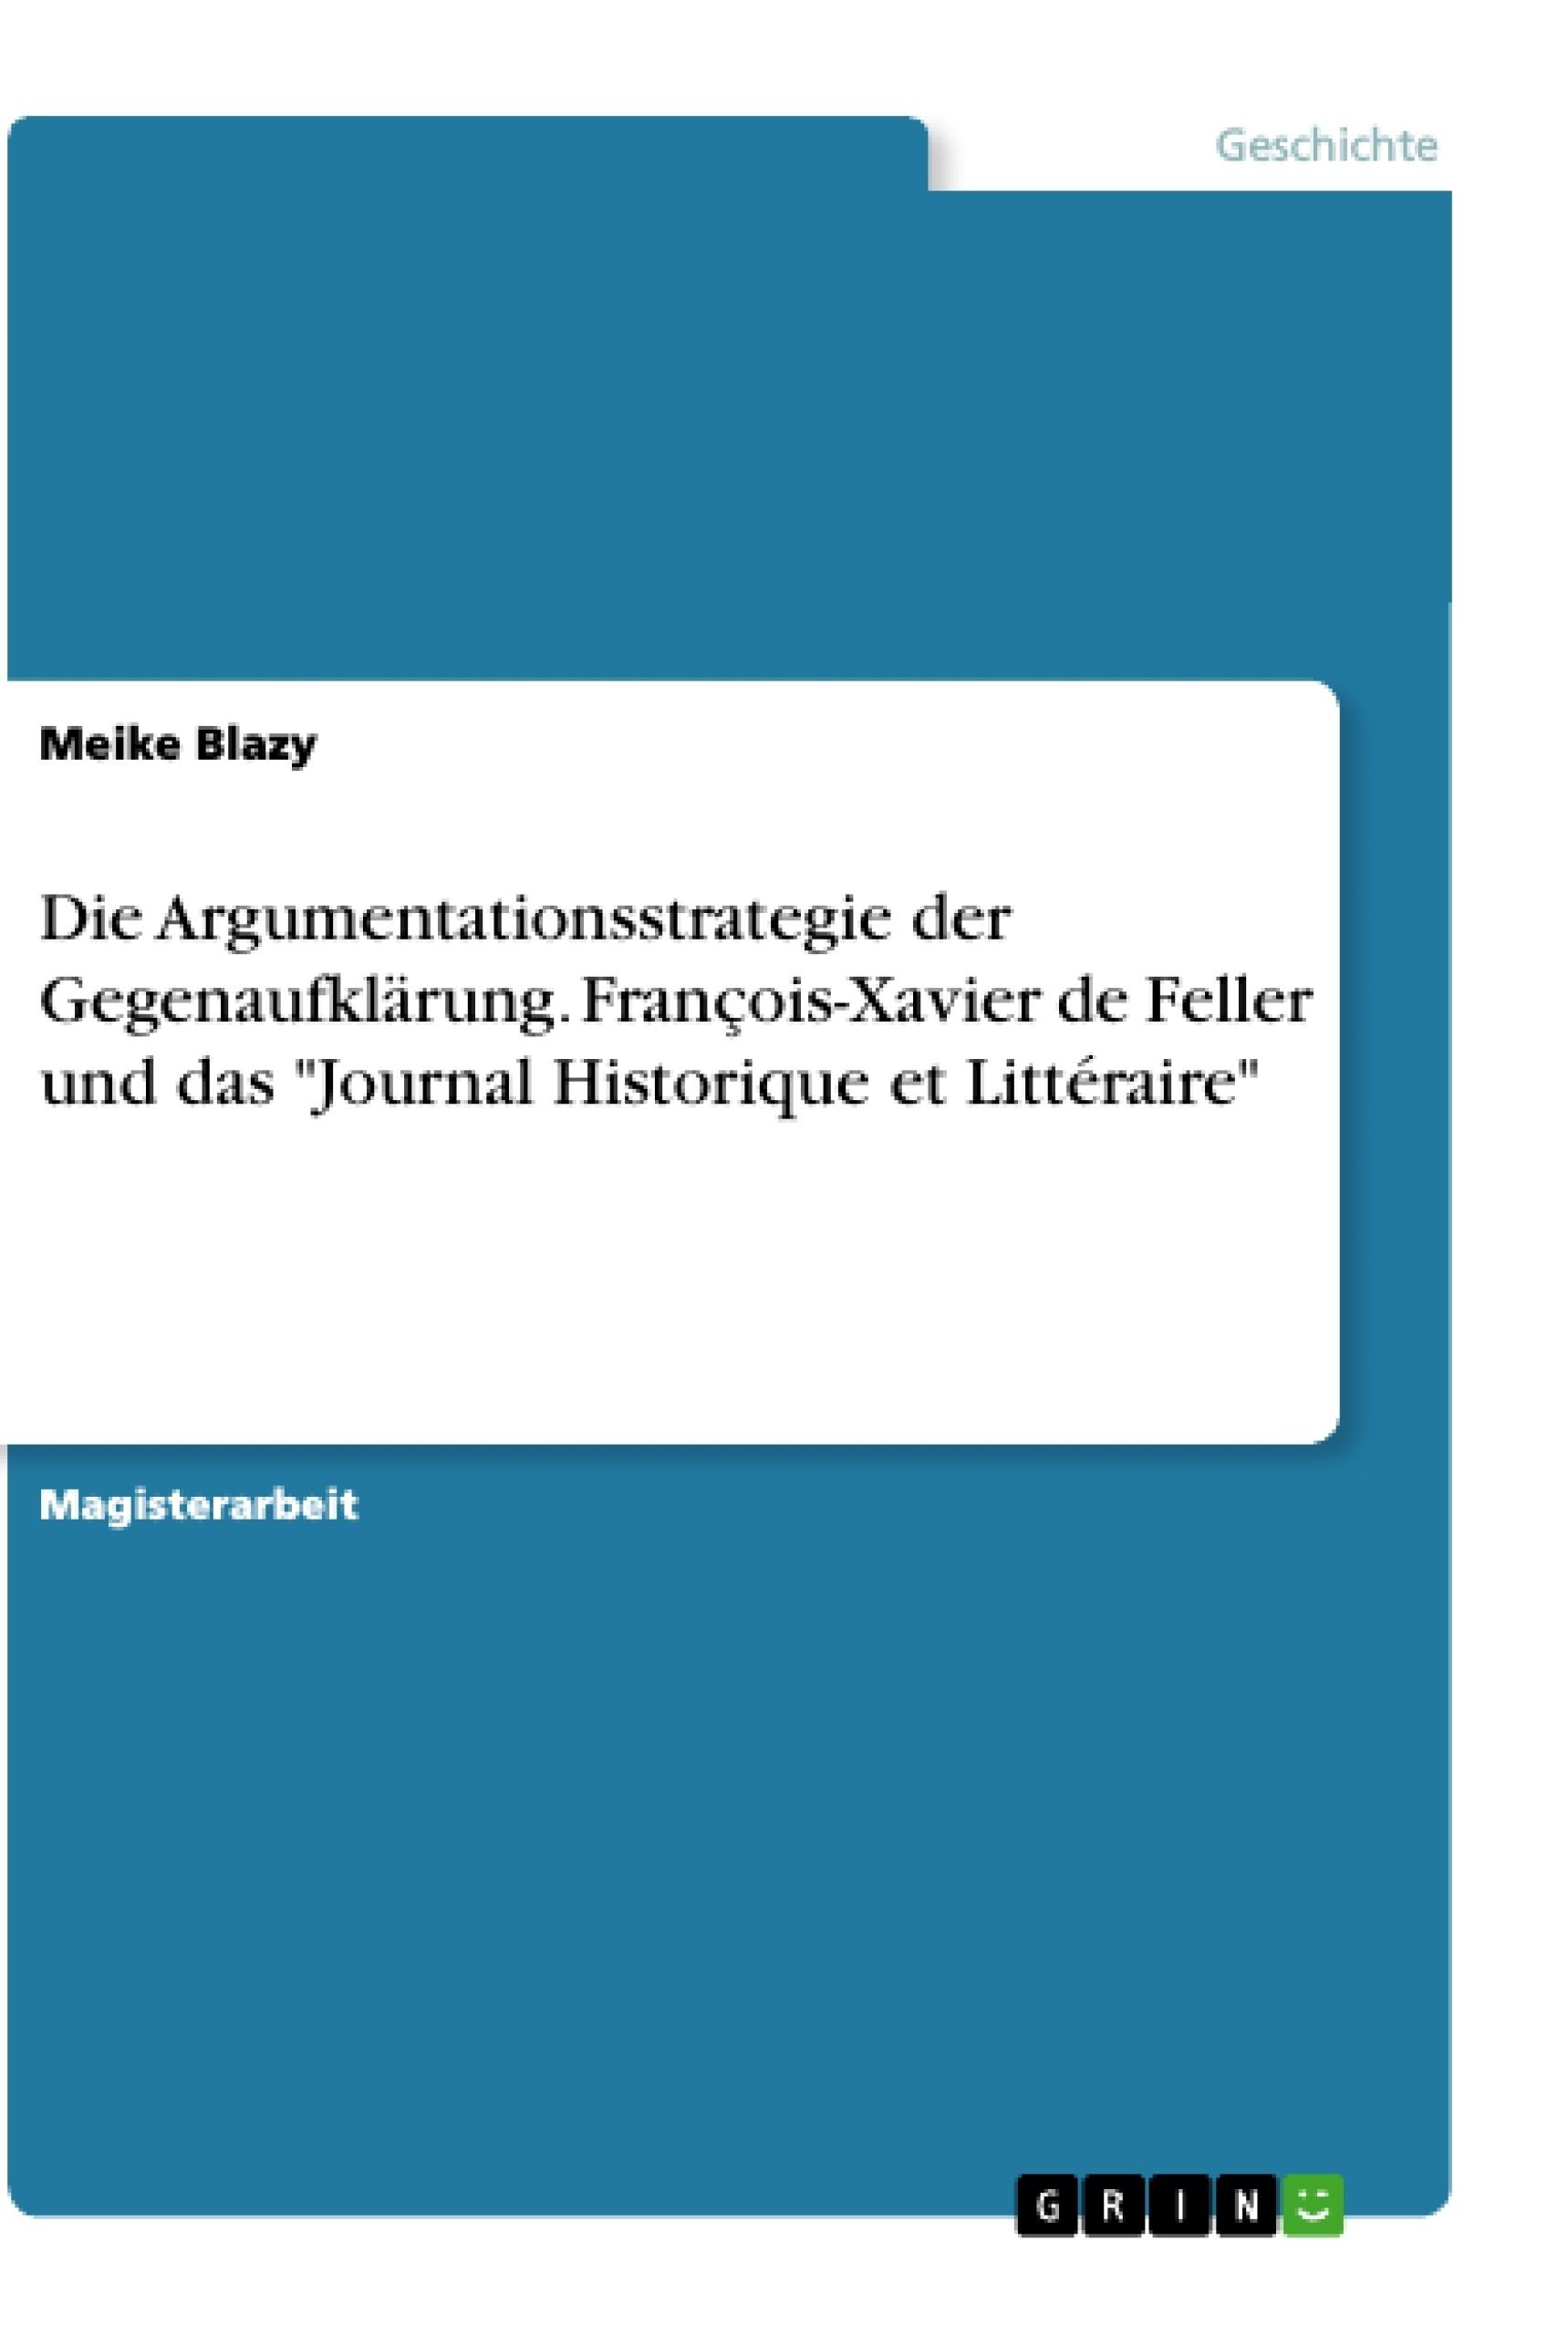 """Titel: Die Argumentationsstrategie der Gegenaufklärung. François-Xavier de Feller und das """"Journal Historique et Littéraire"""""""